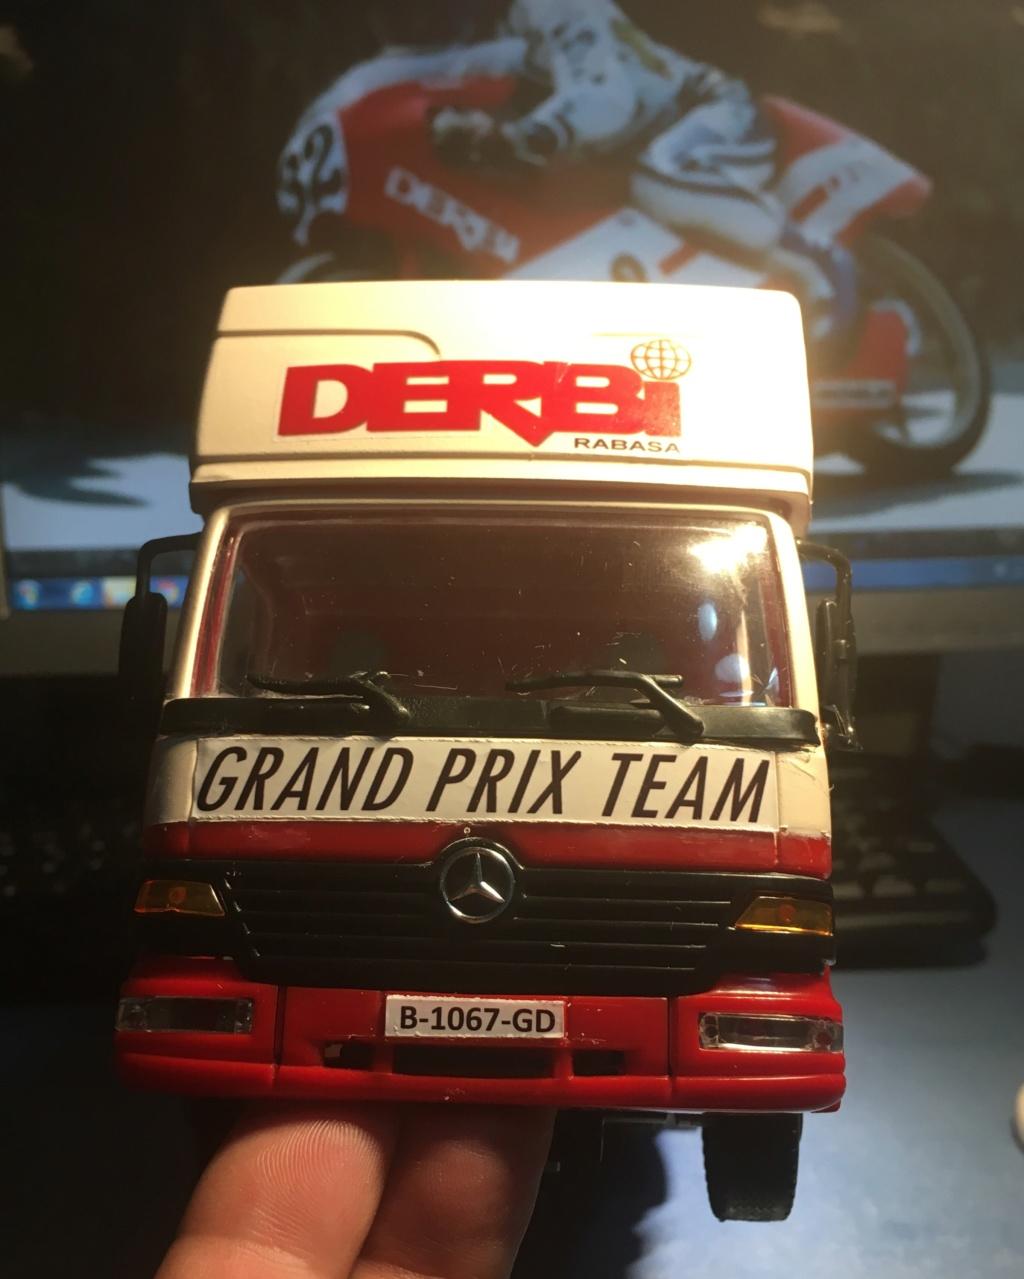 derbi - Camión Grandes Premios equipo Derbi Img_9016